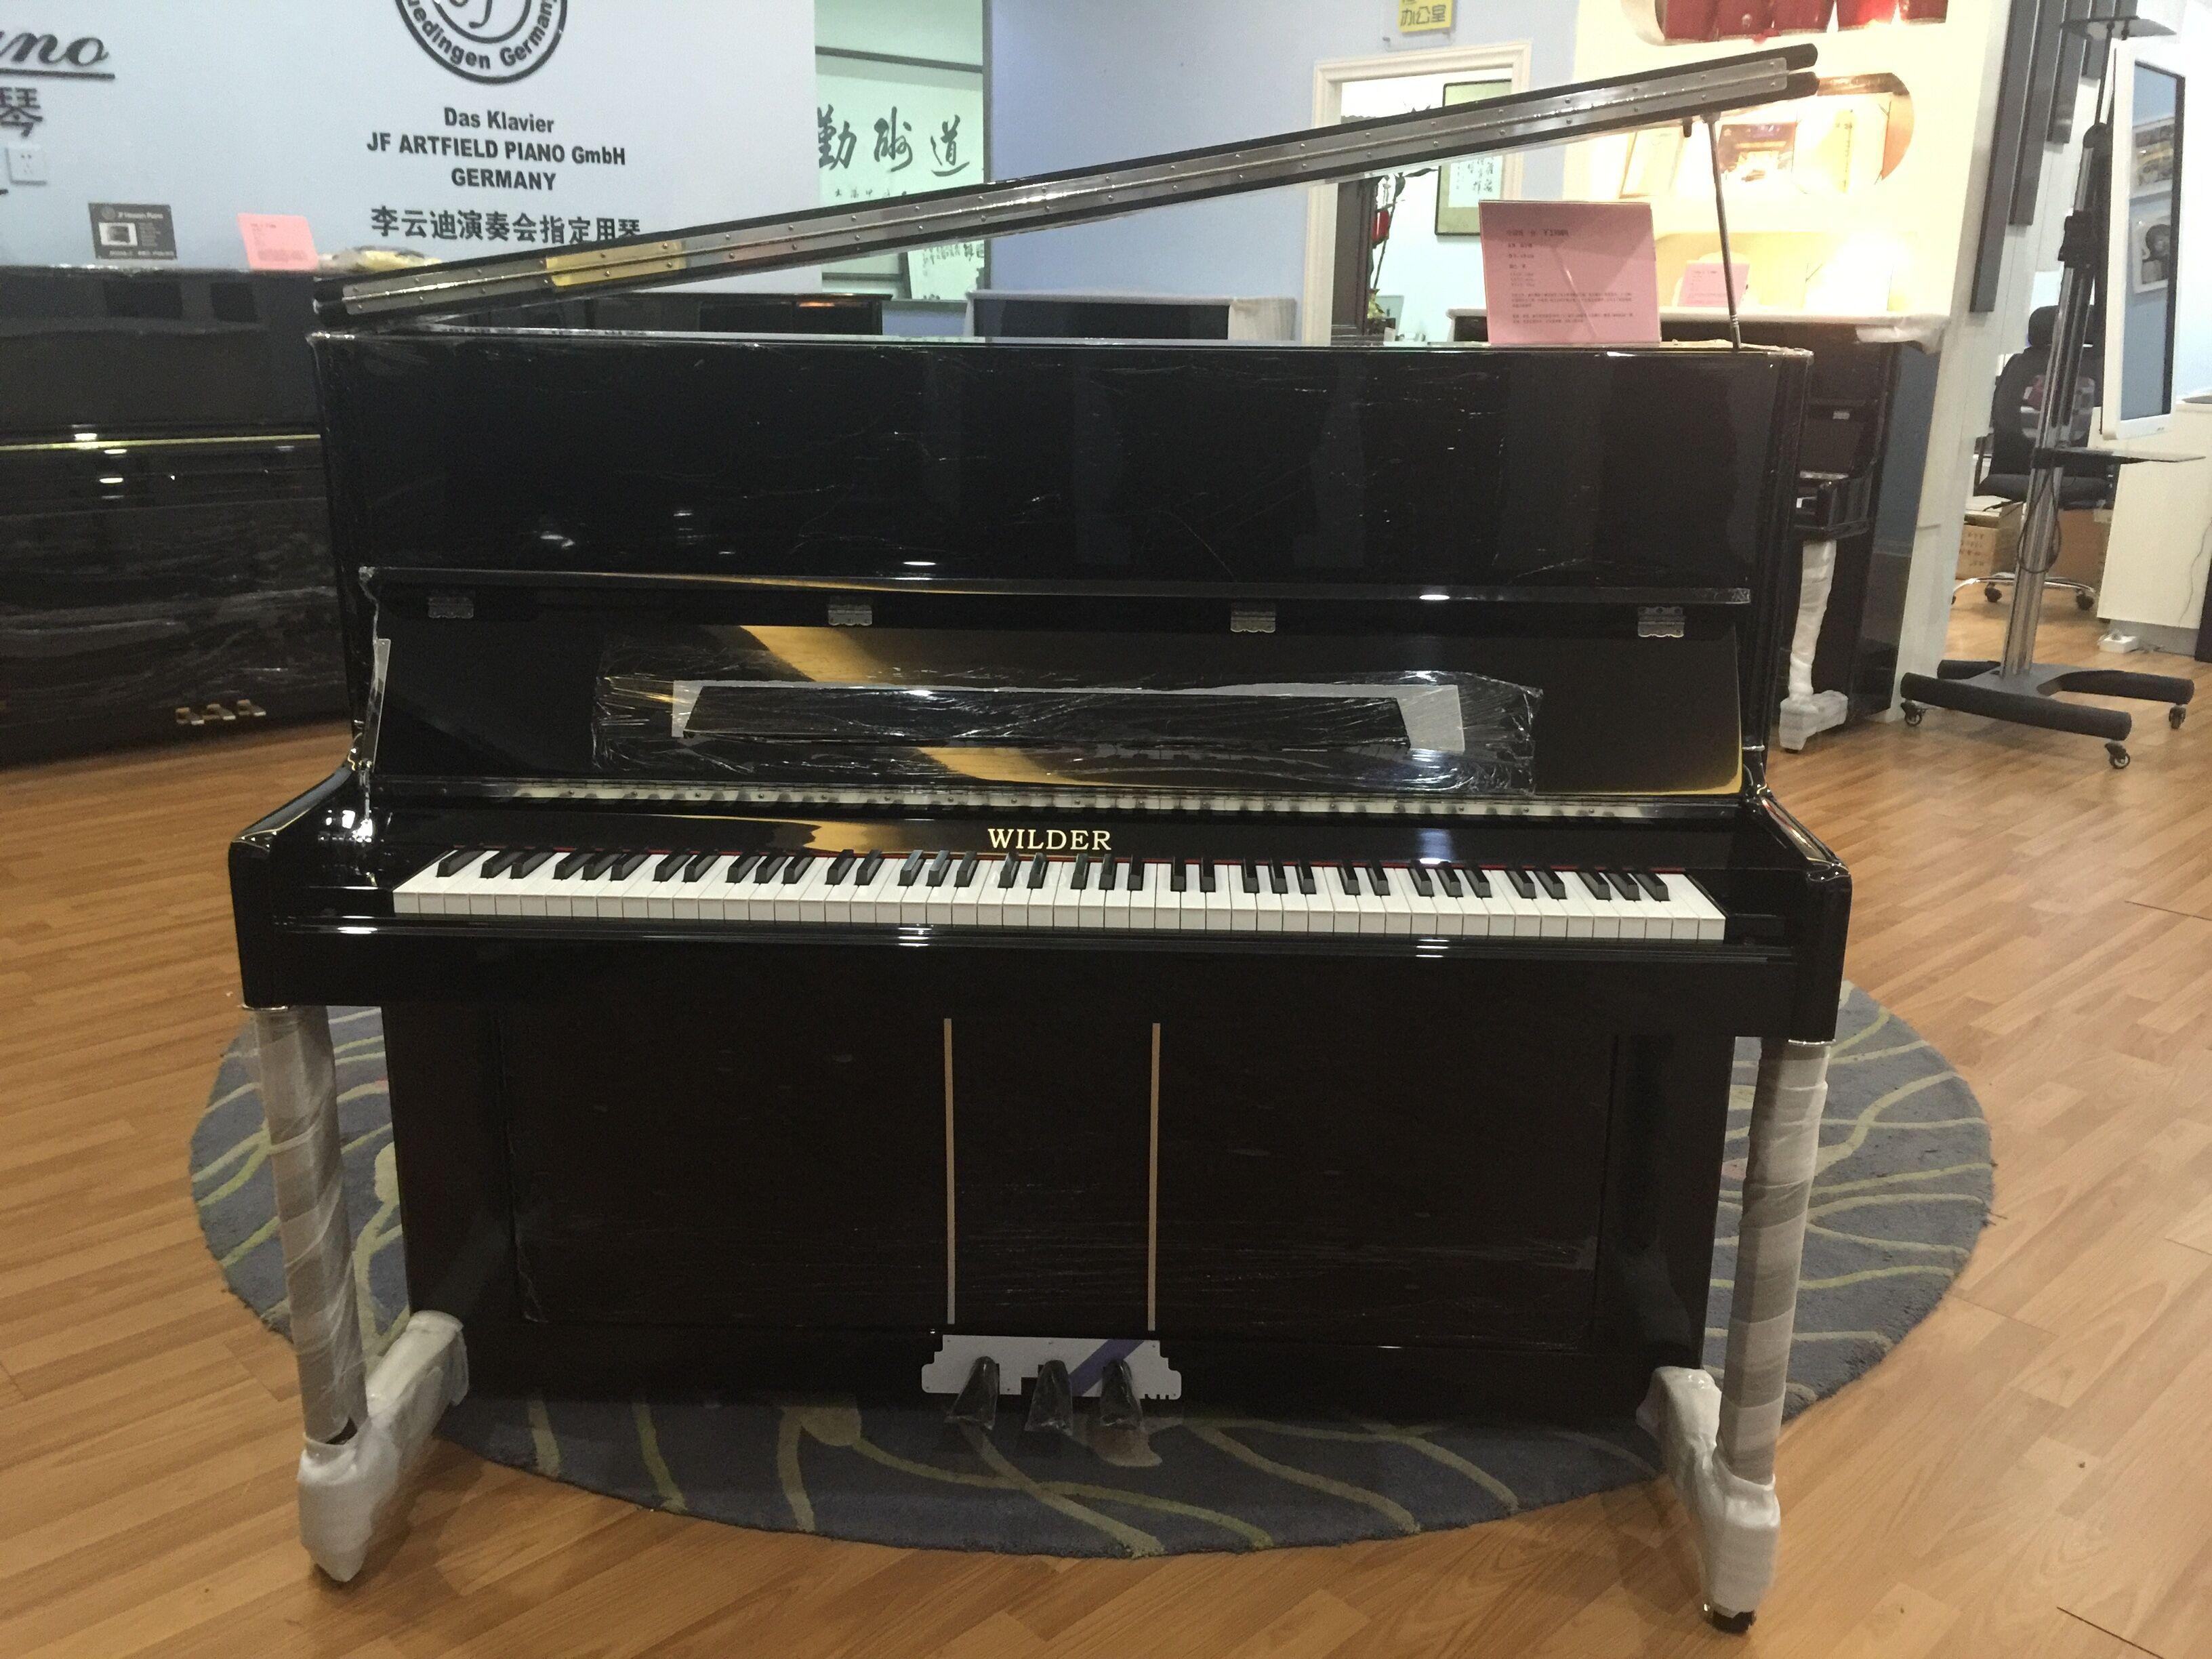 云南省钢琴协会会员证